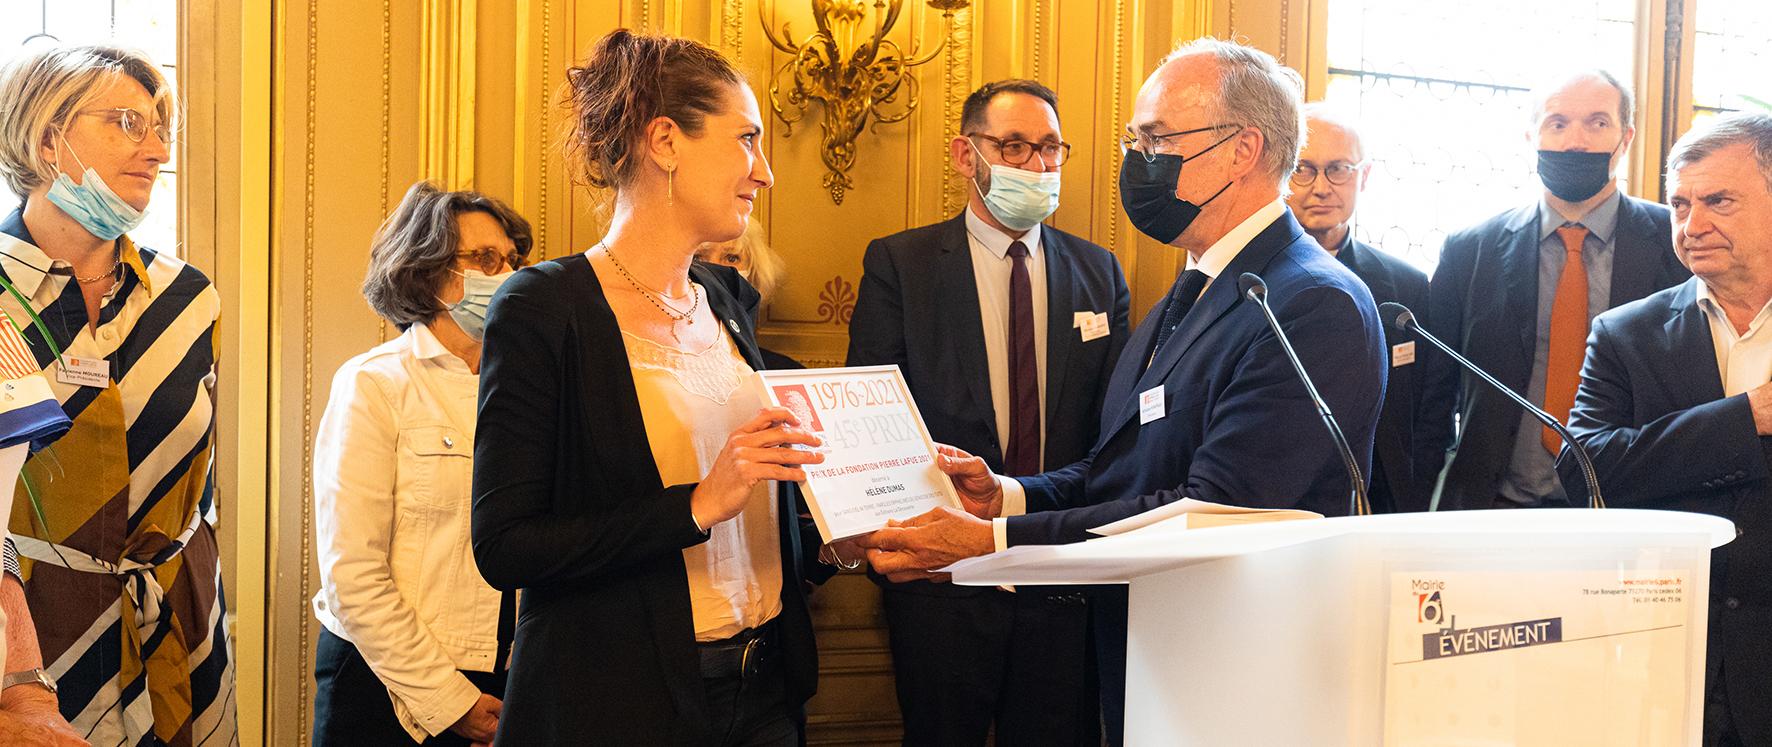 Antoine Hinfray remet son Prix à Hélène Dumas